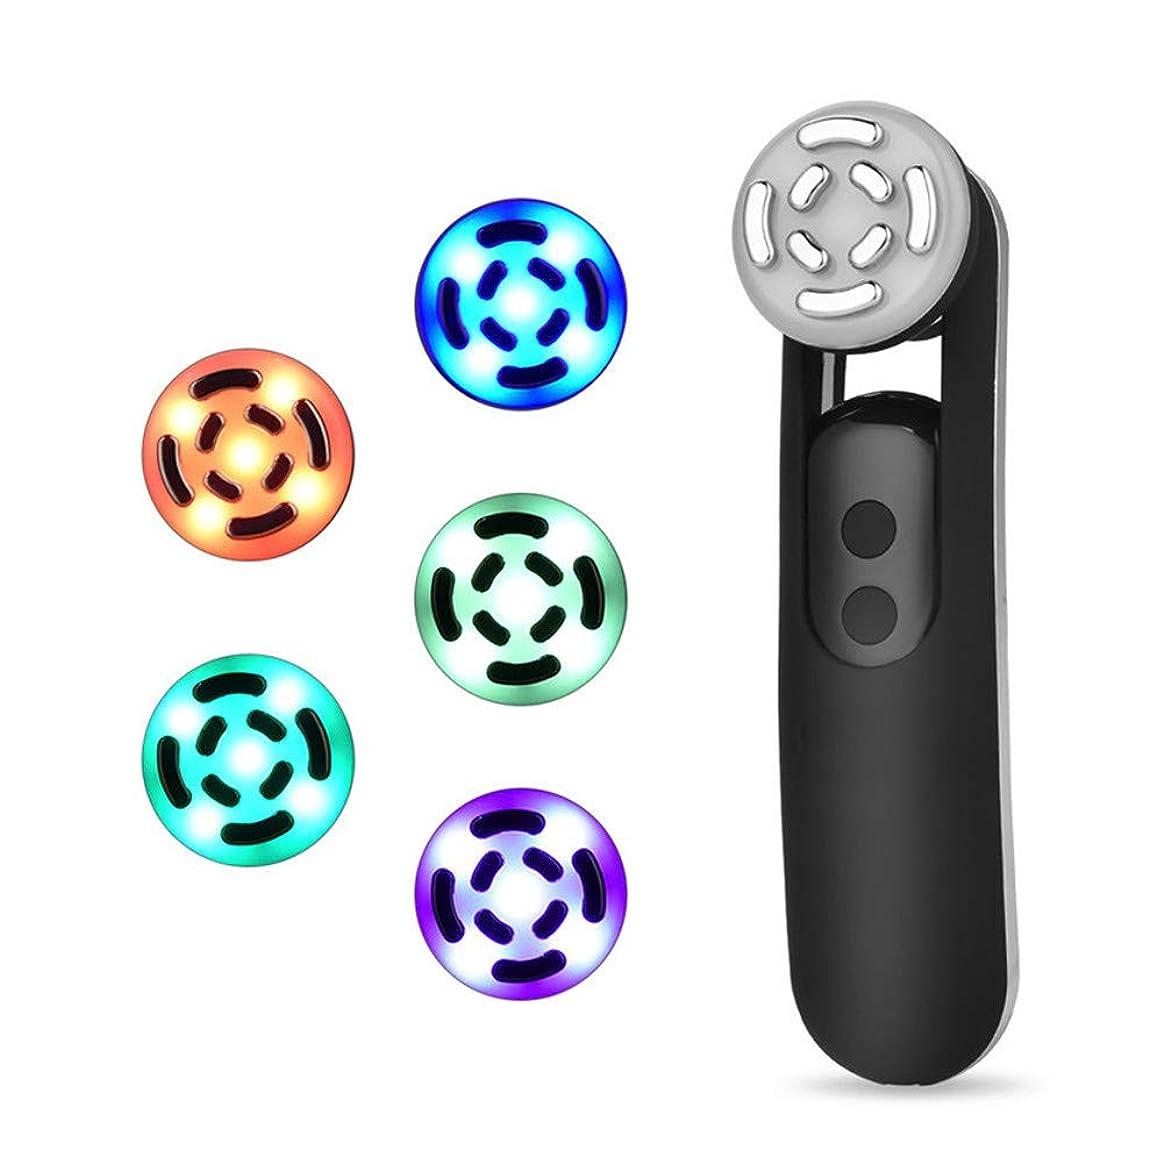 休日極めて重要なインストラクターフェイシャルマッサージイオンフェイシャルクレンジングアンチエイジングファーミングスキンマイクロショックテクノロジー5色LEDライト若返りしわ美容機器,Black